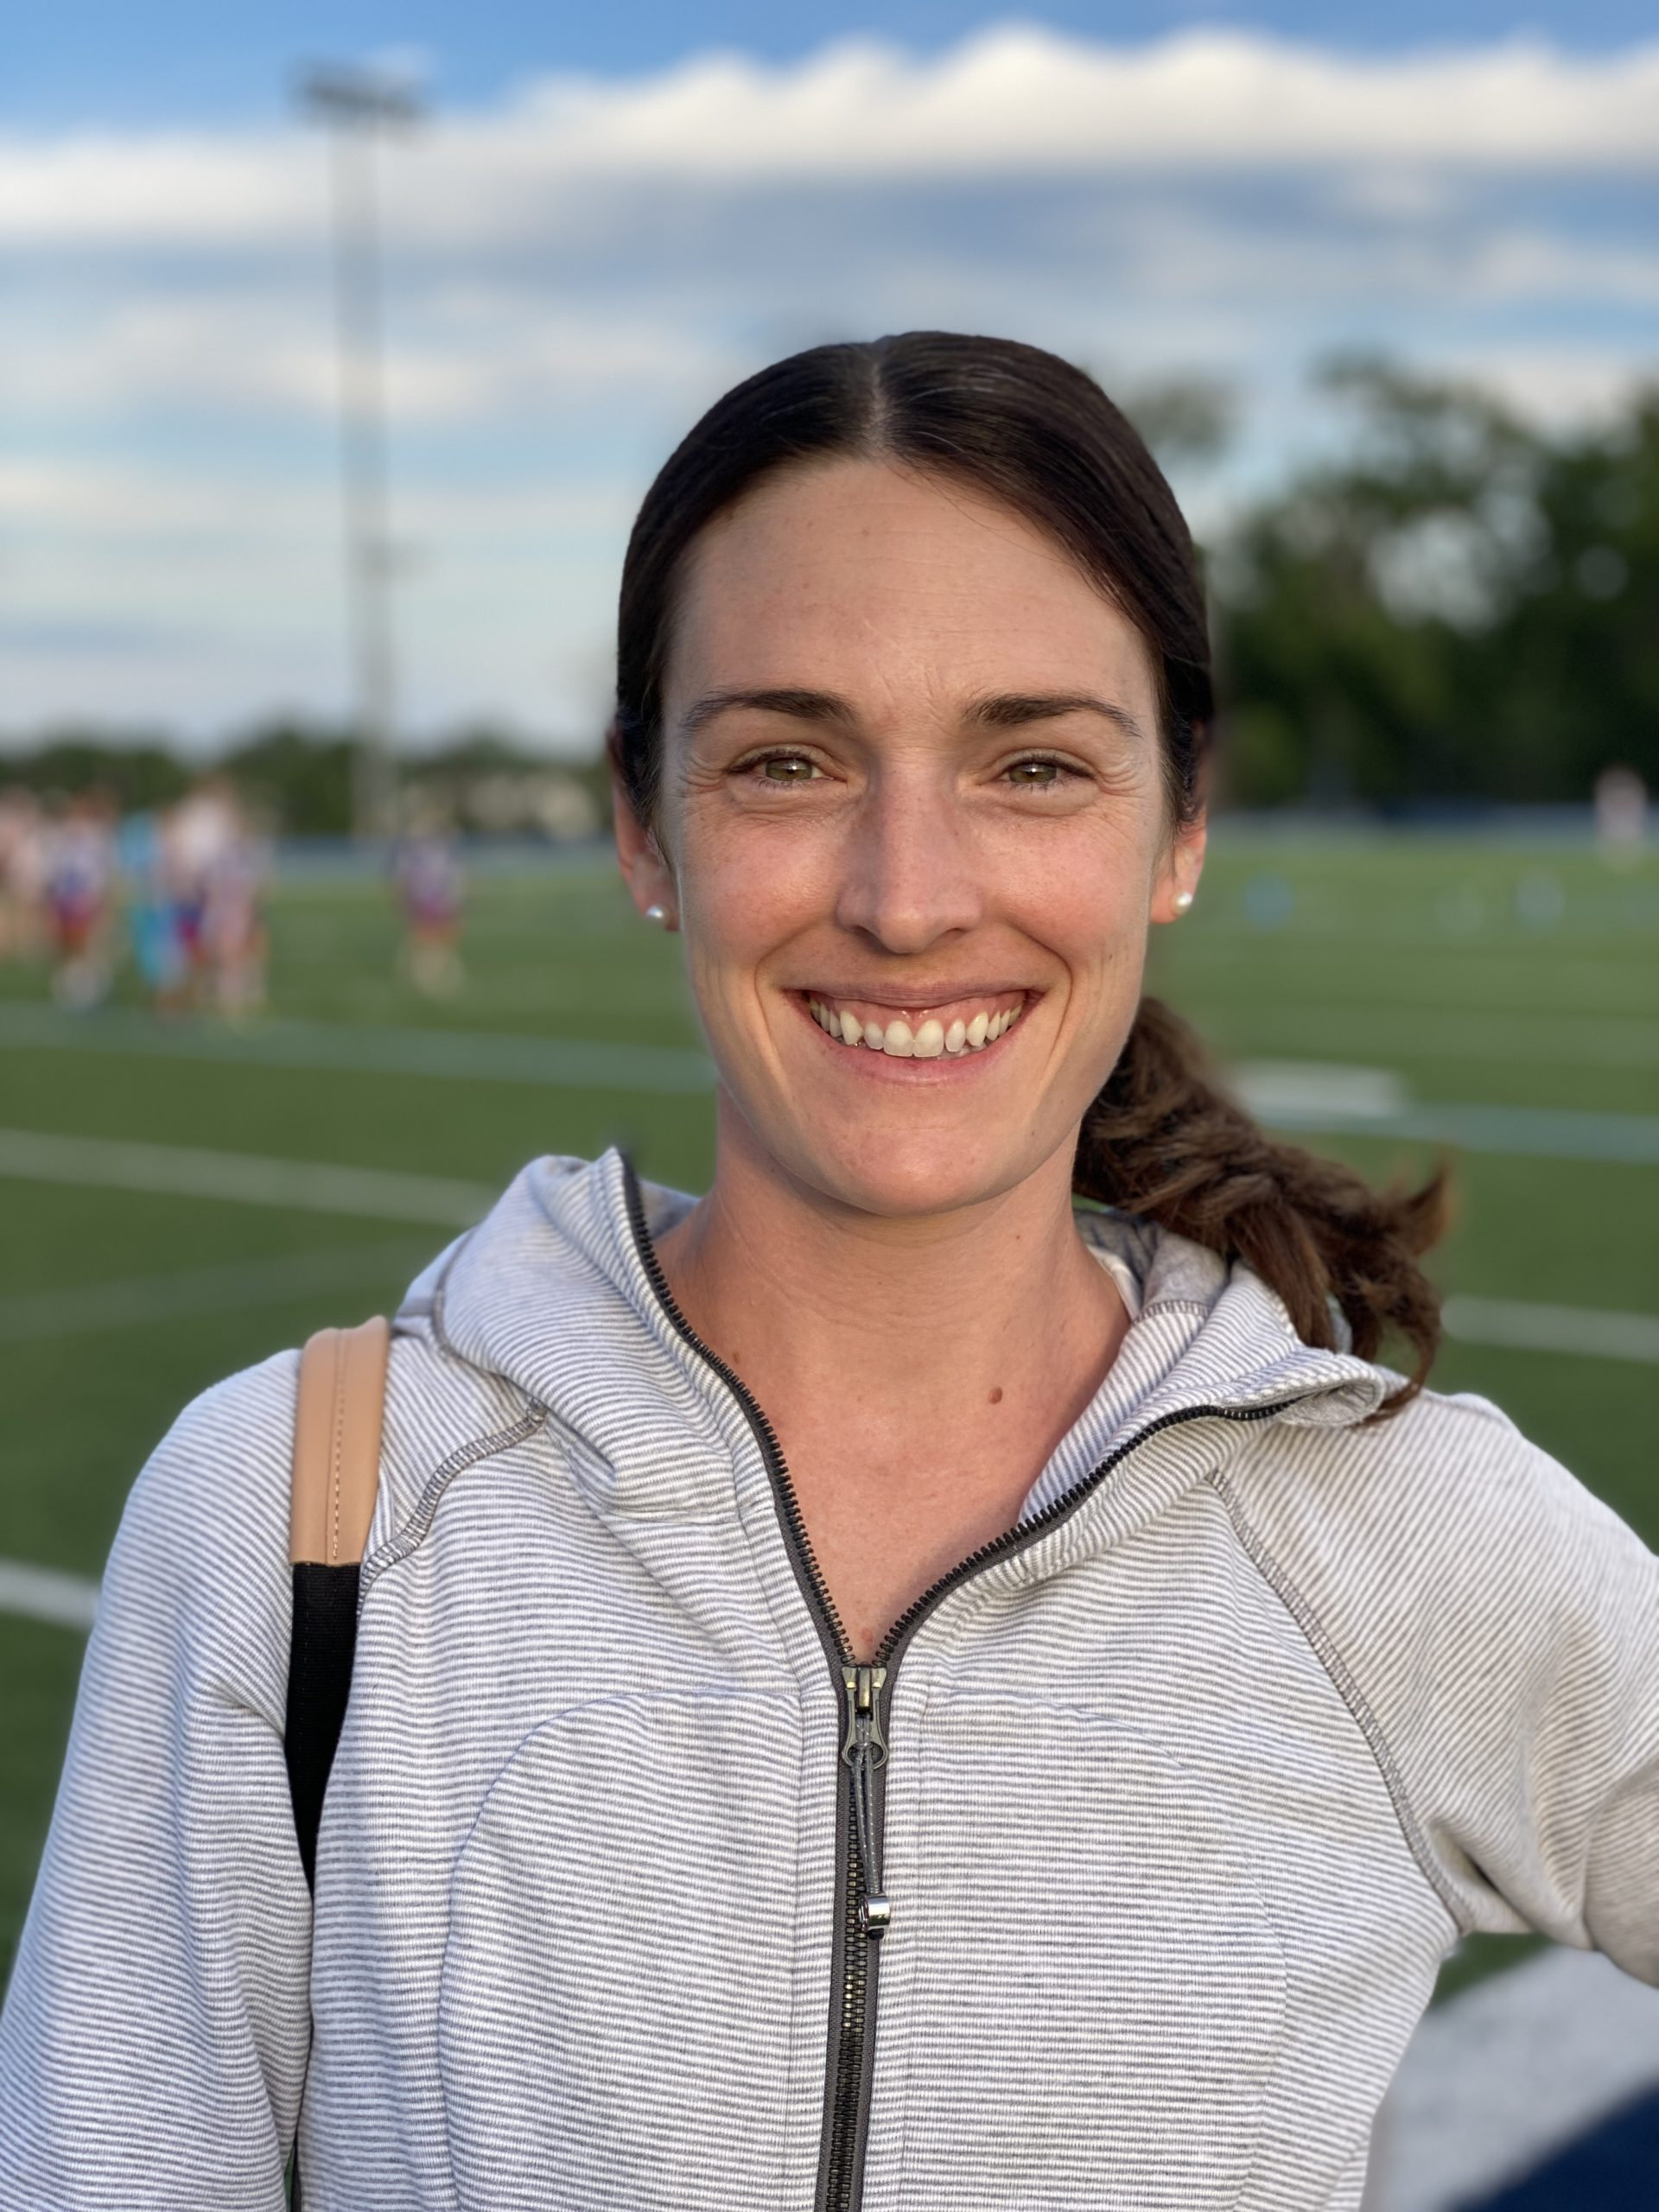 Hannah Wszalek